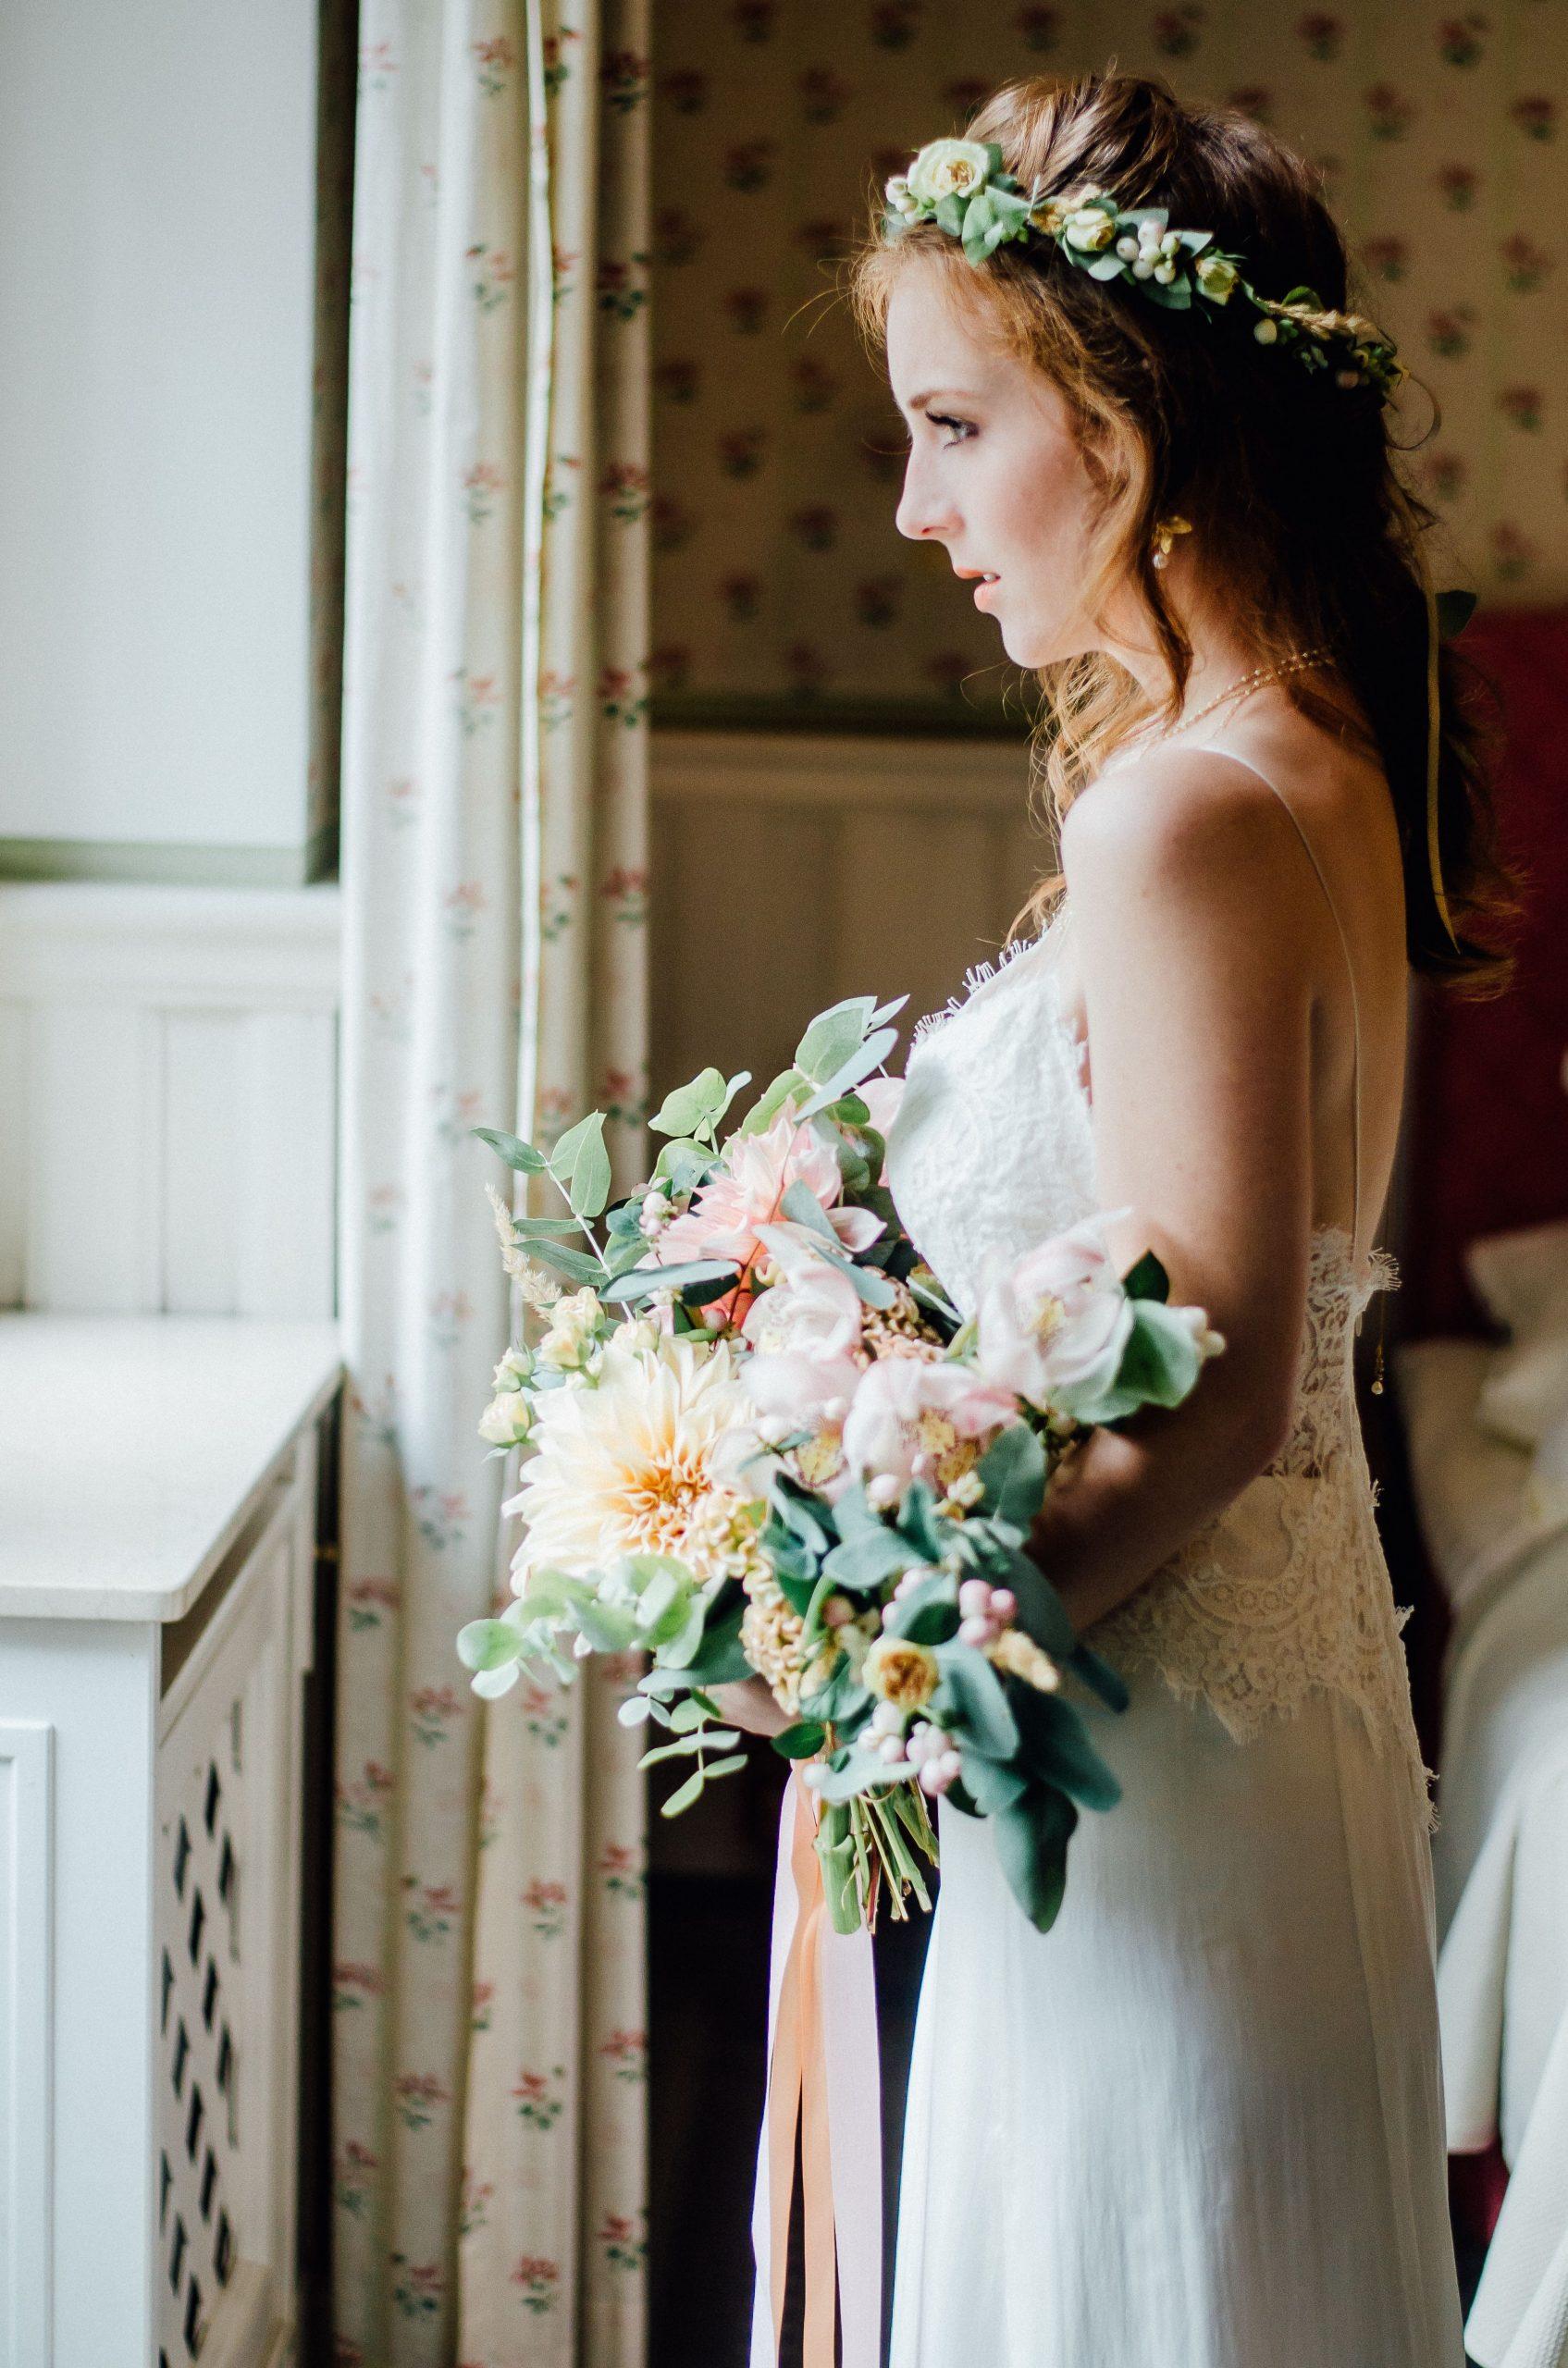 Flowercrown Und Bridal Bouqeut Im Romantischen Boho-Stil